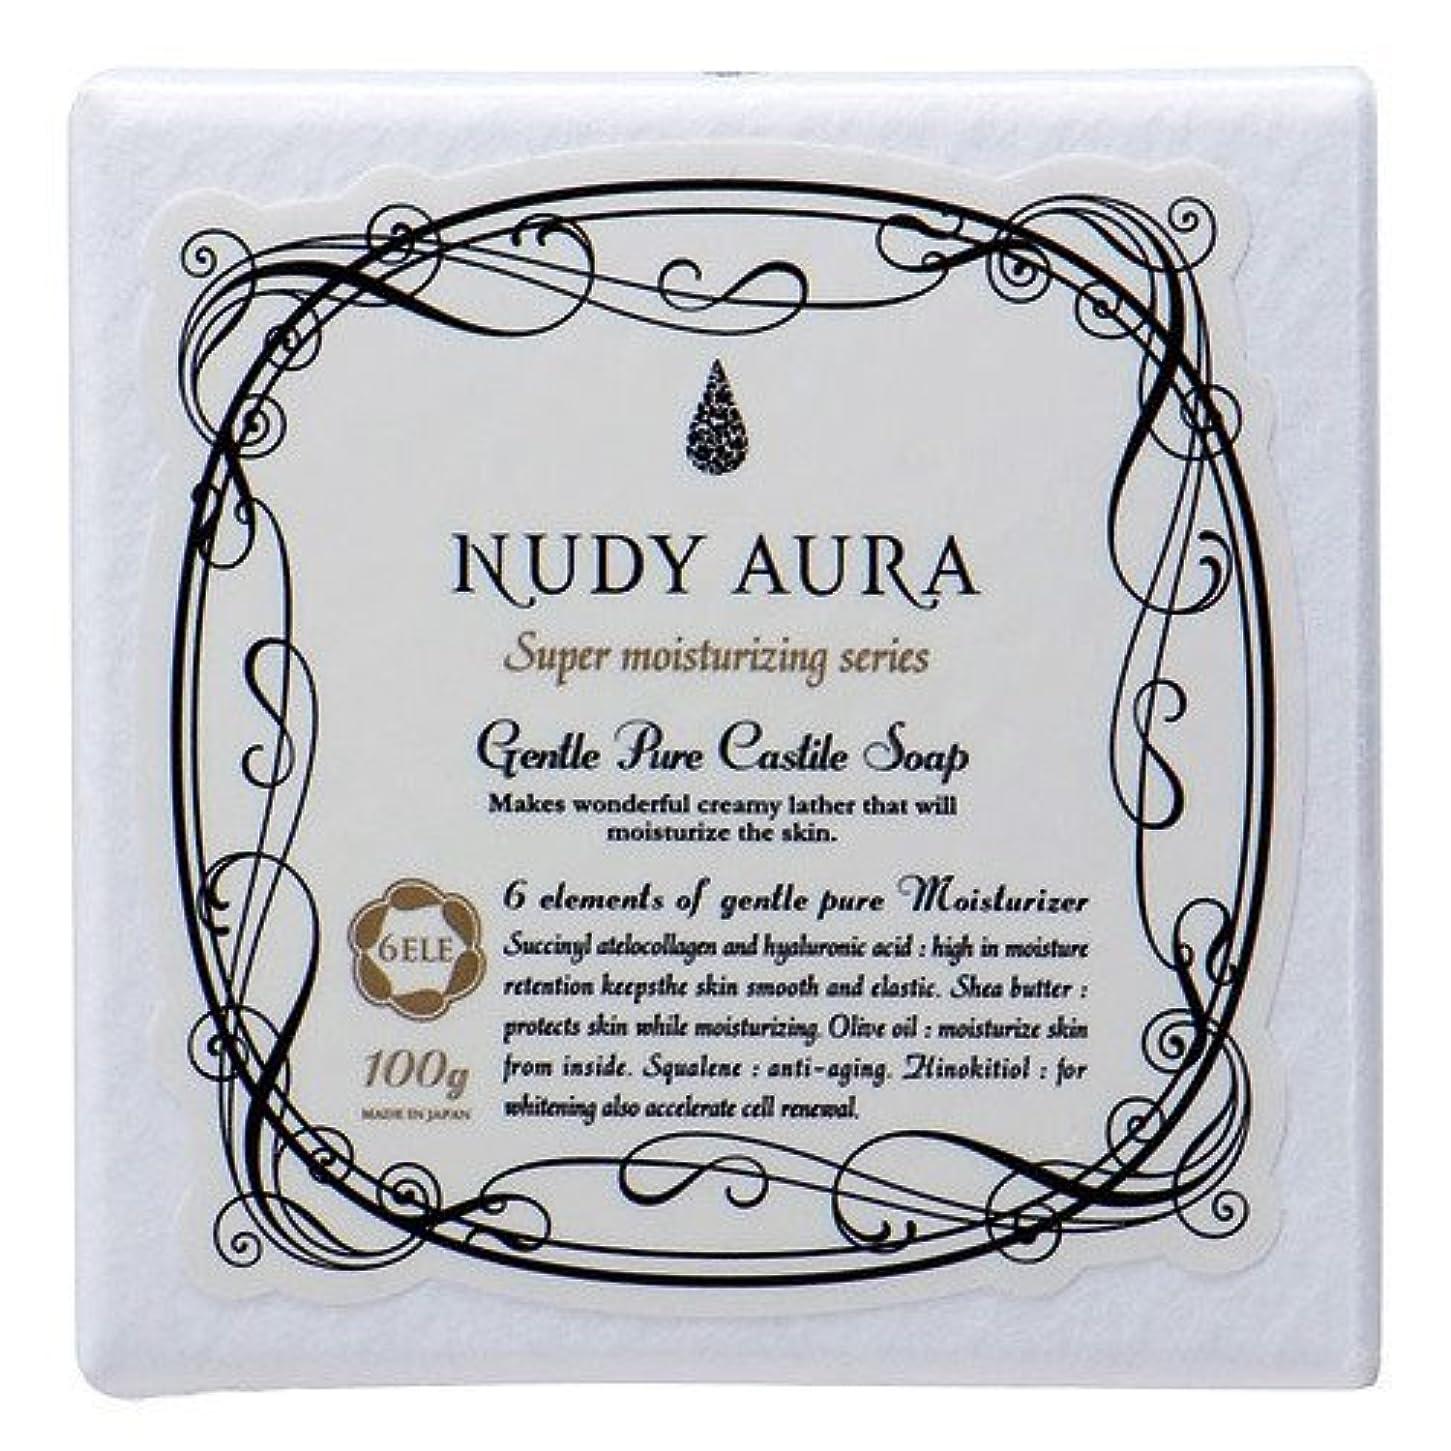 服を洗う大聖堂検索エンジン最適化ヌーディーオーラ キャスティールソープ 100g